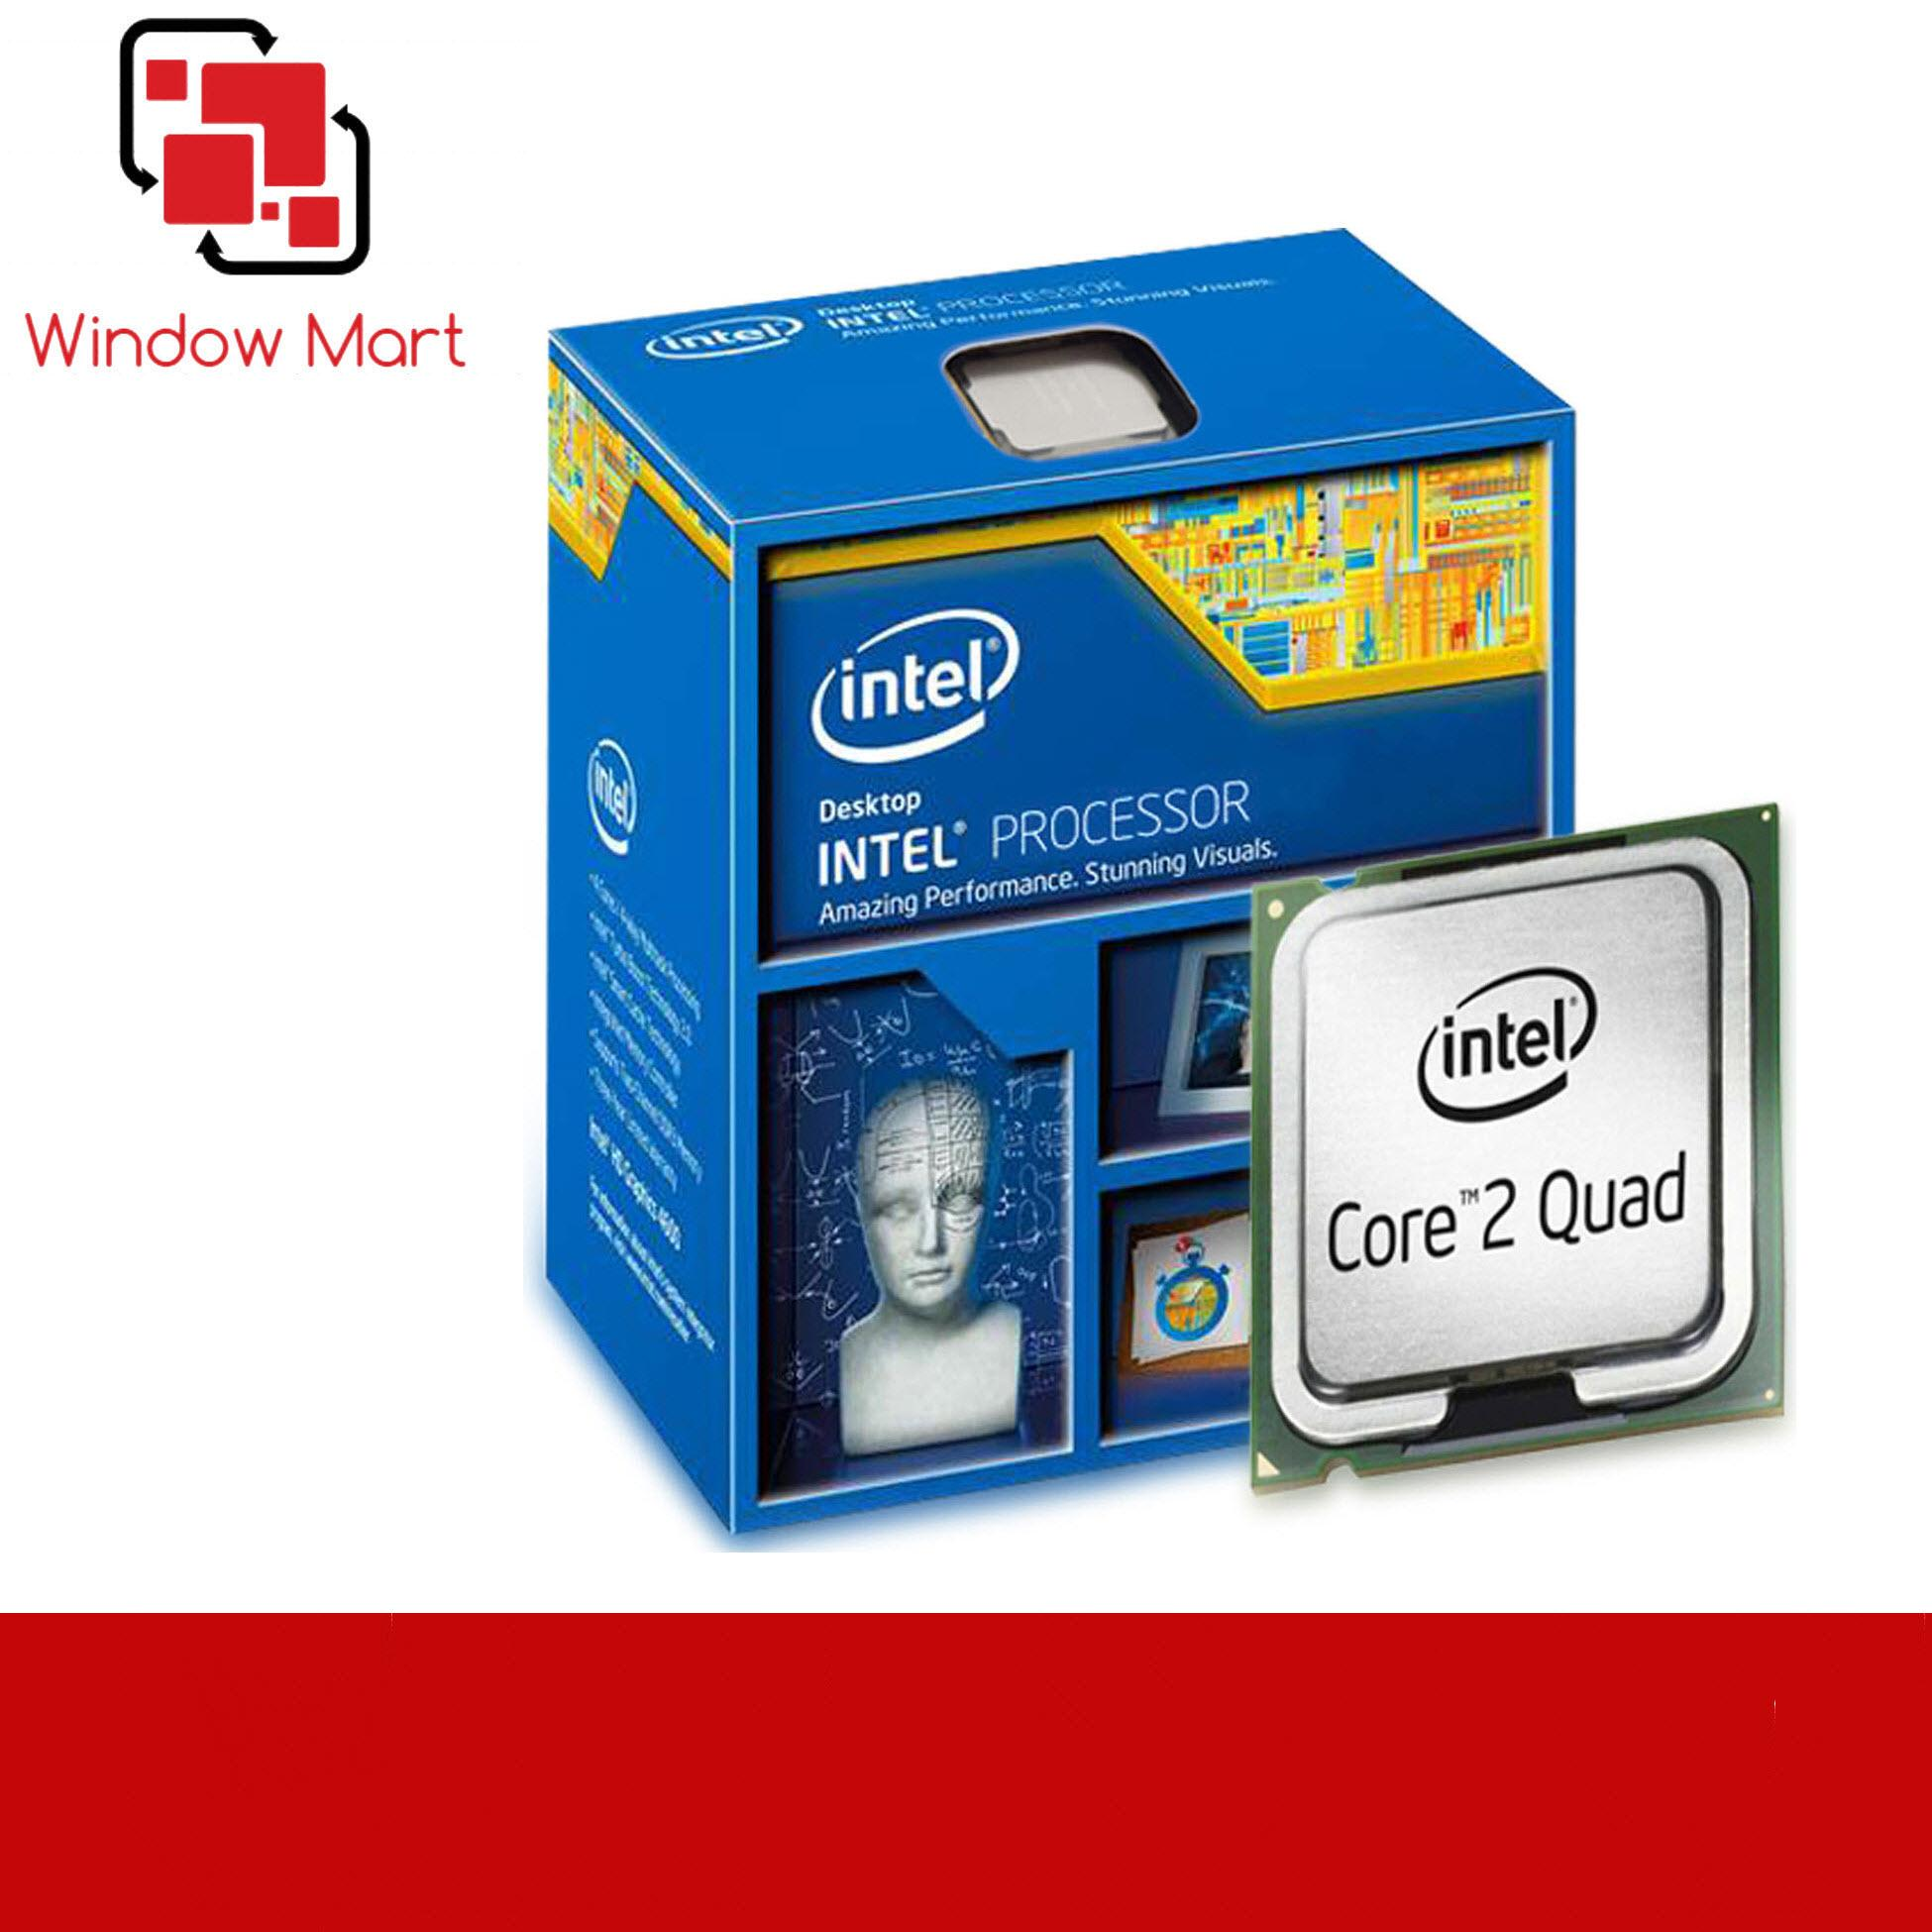 Bộ Vi xử lý Intel Pentium G630 (2 lõi- 2 luồng) Chất Lượng Tốt